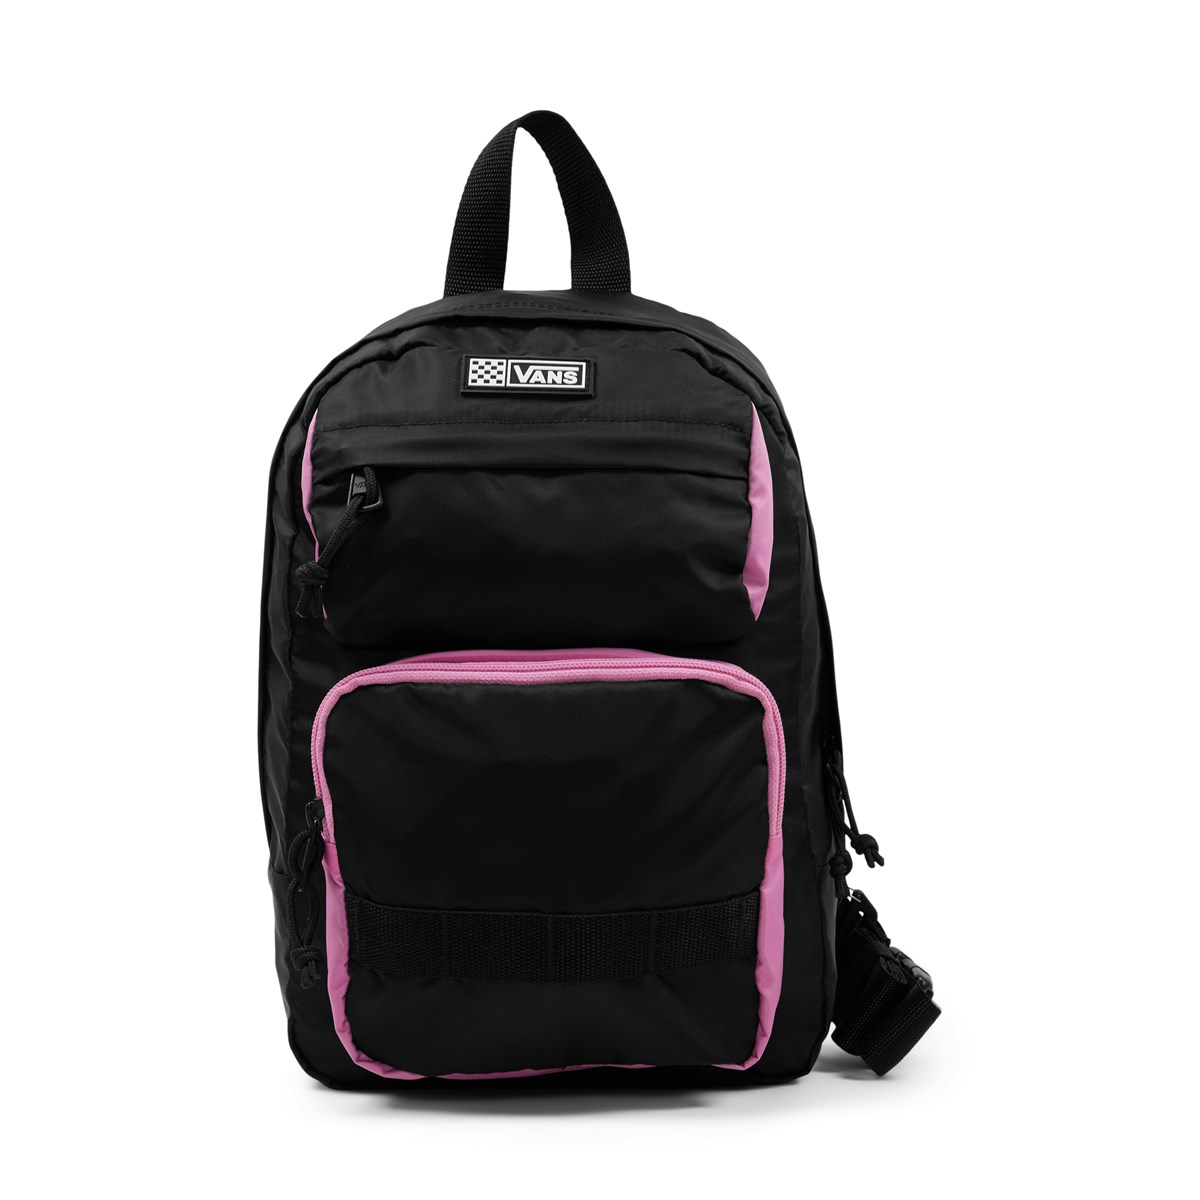 Spacer Backpack in Black